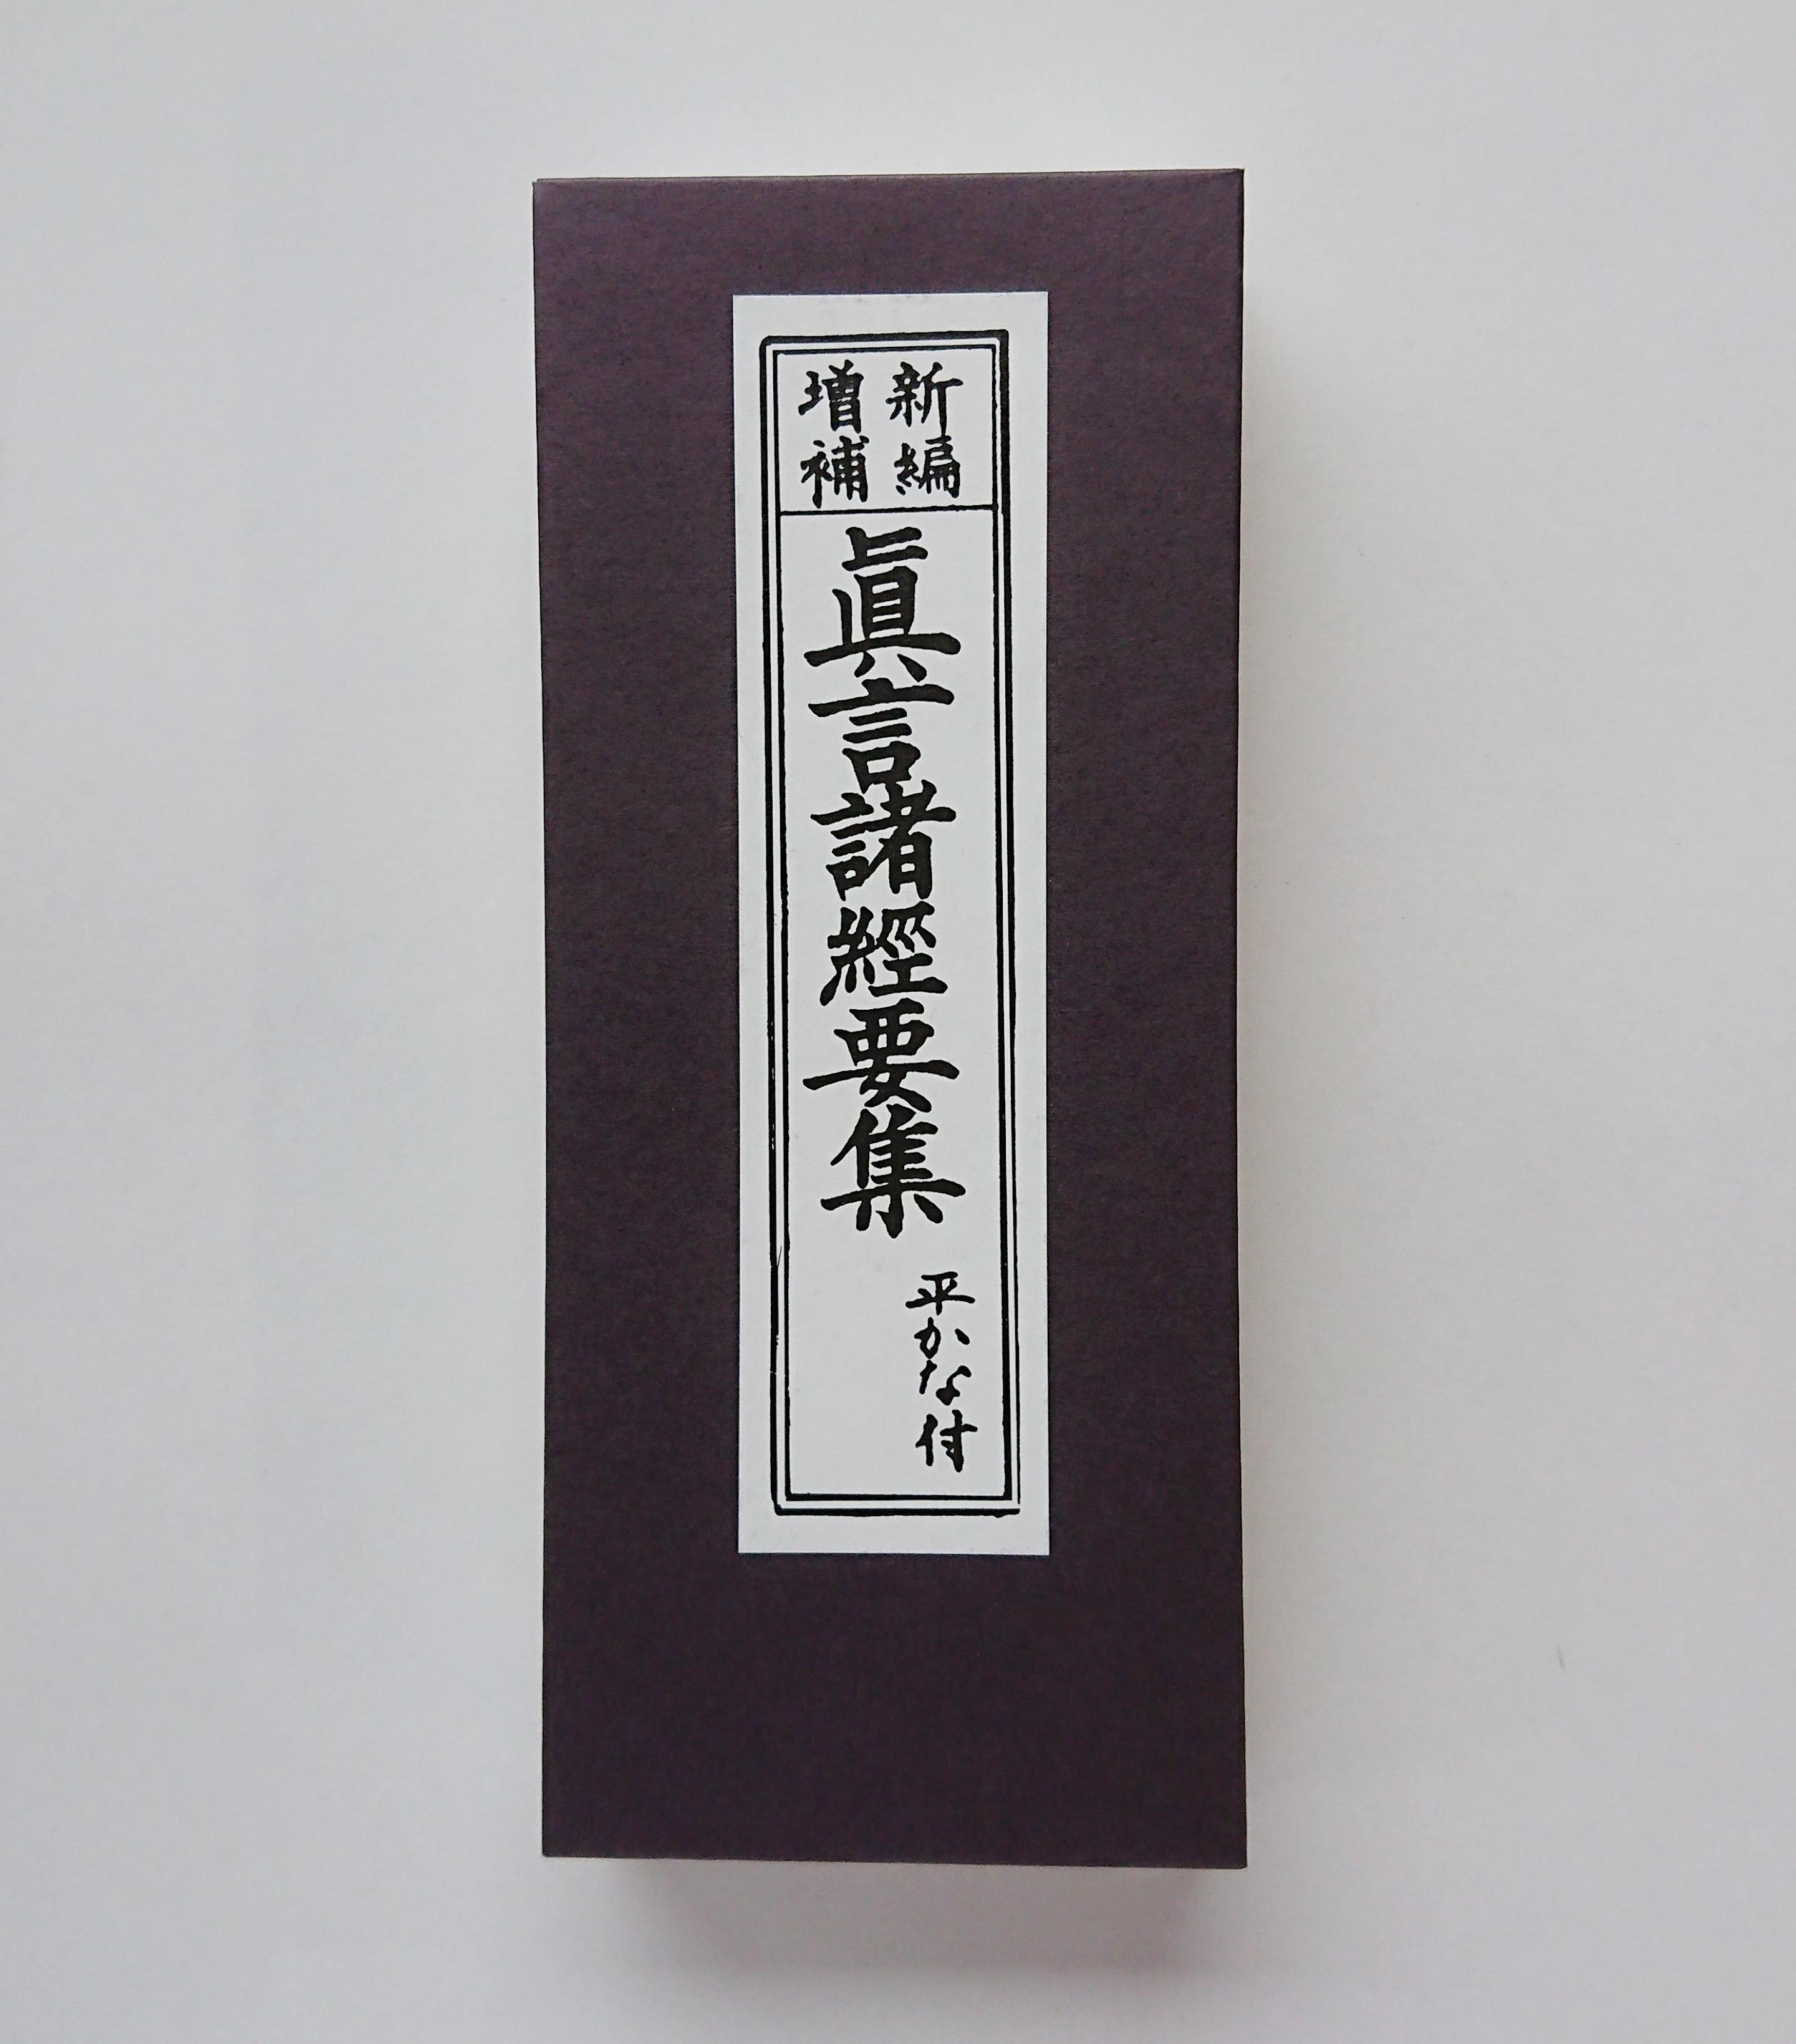 shingonshokyouyoushuu.JPG